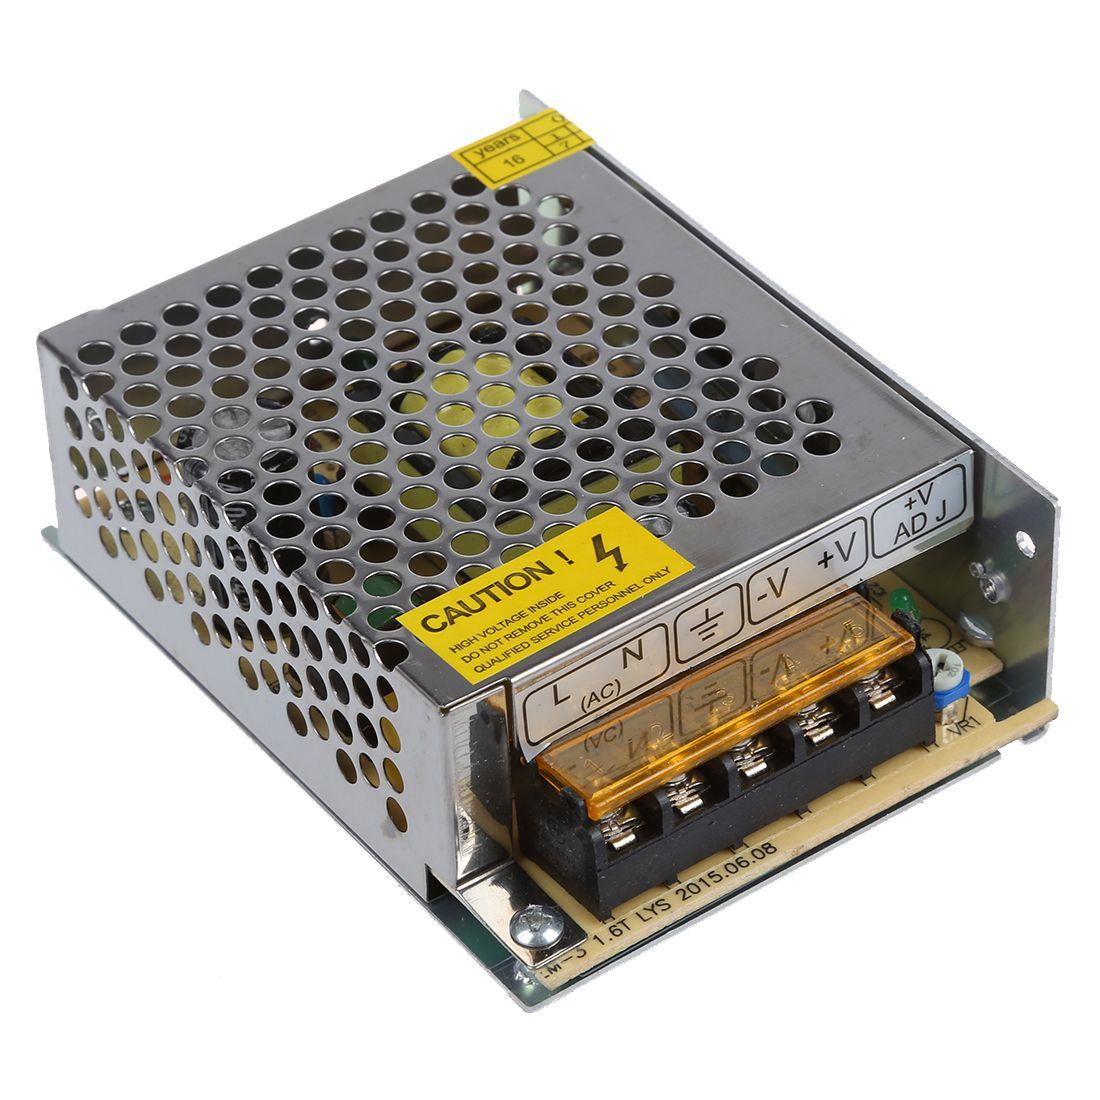 DSHA Neue Heiße 60 Watt Schalt Schalter-spg.versorgungsteil-fahrer für Led-streifen Licht DC 12 V 5A